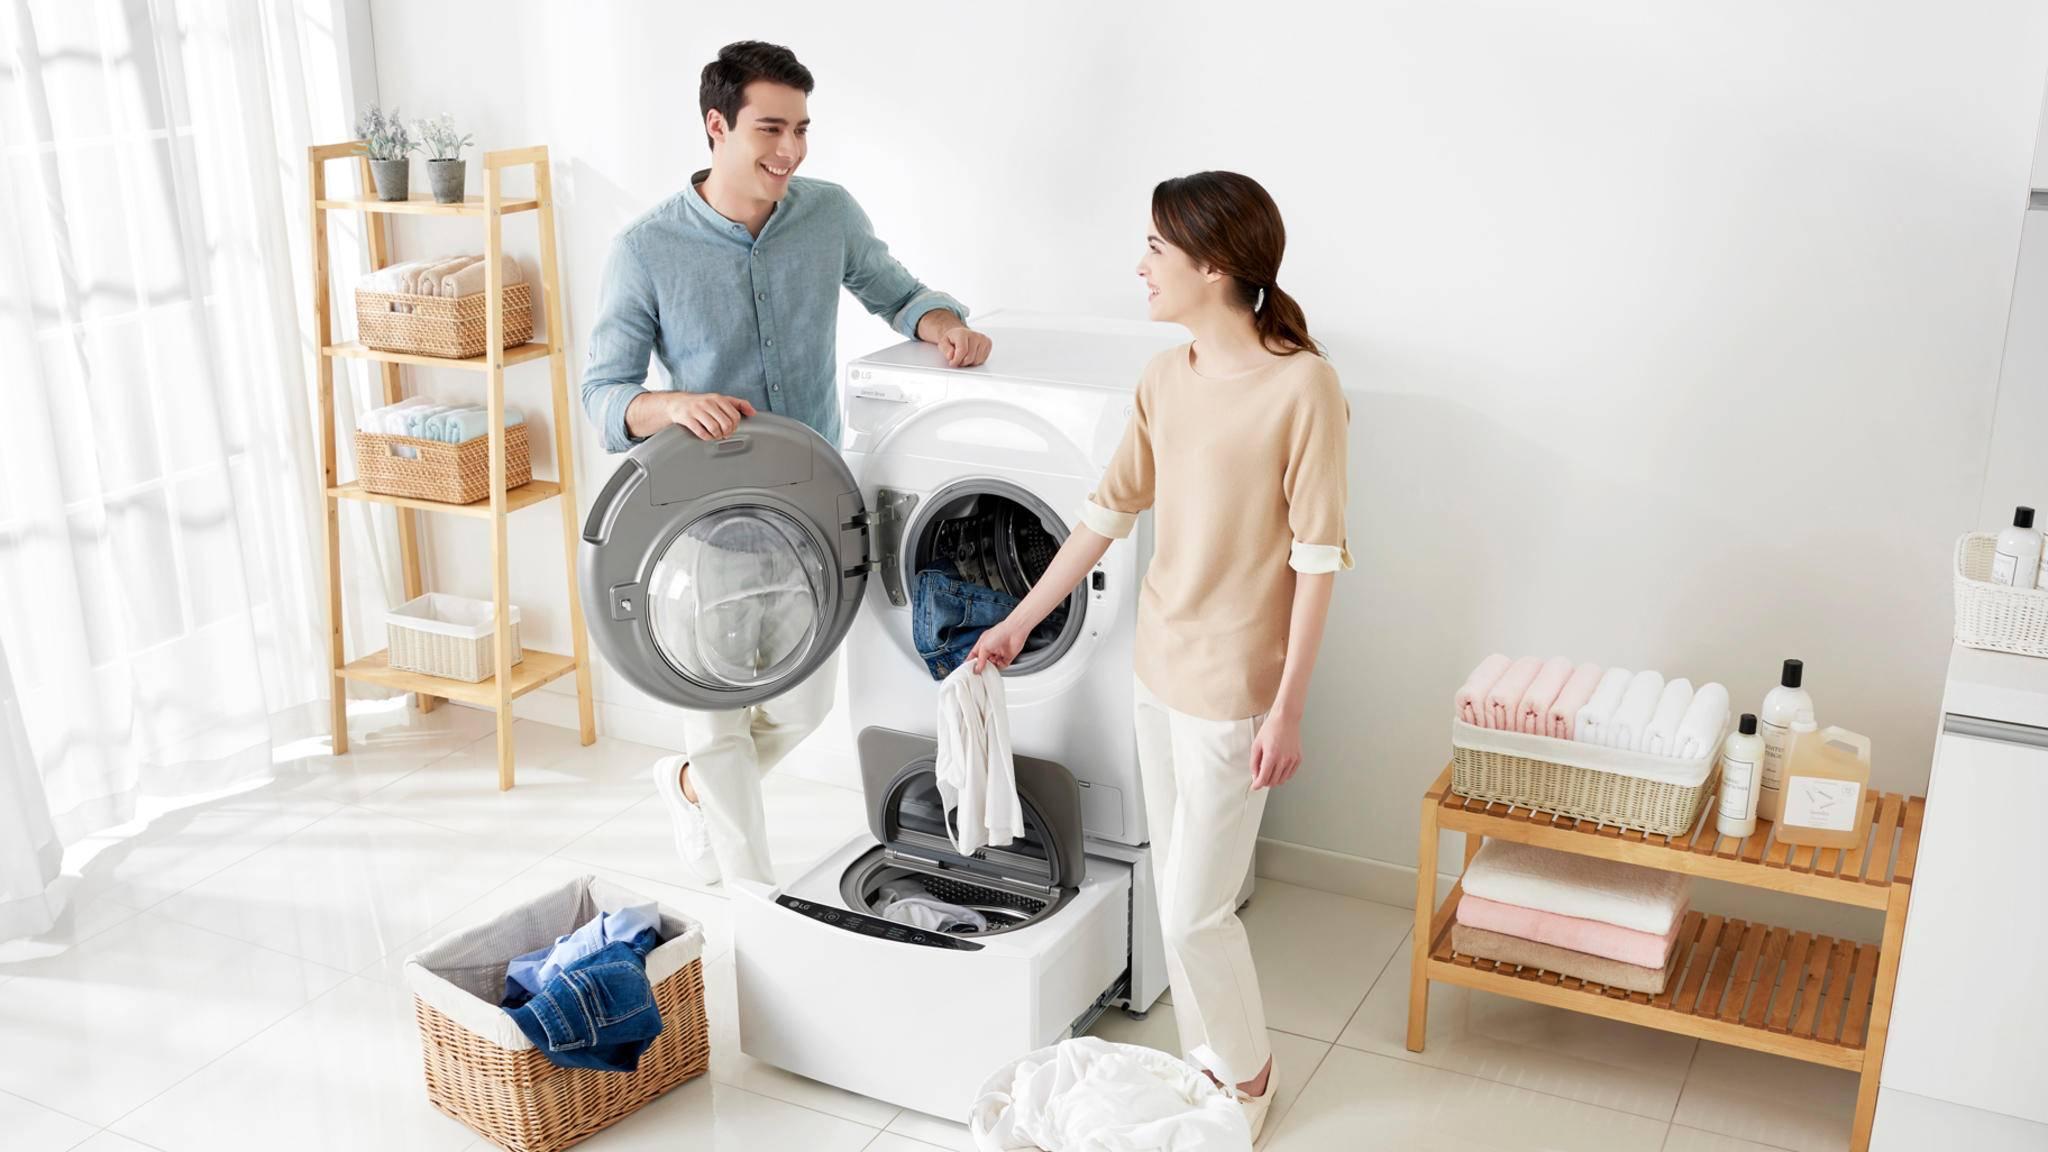 Kombigeräte wie die TwinWash-Waschmaschine von LG werden immer gefragter. Doch warum ist das so?